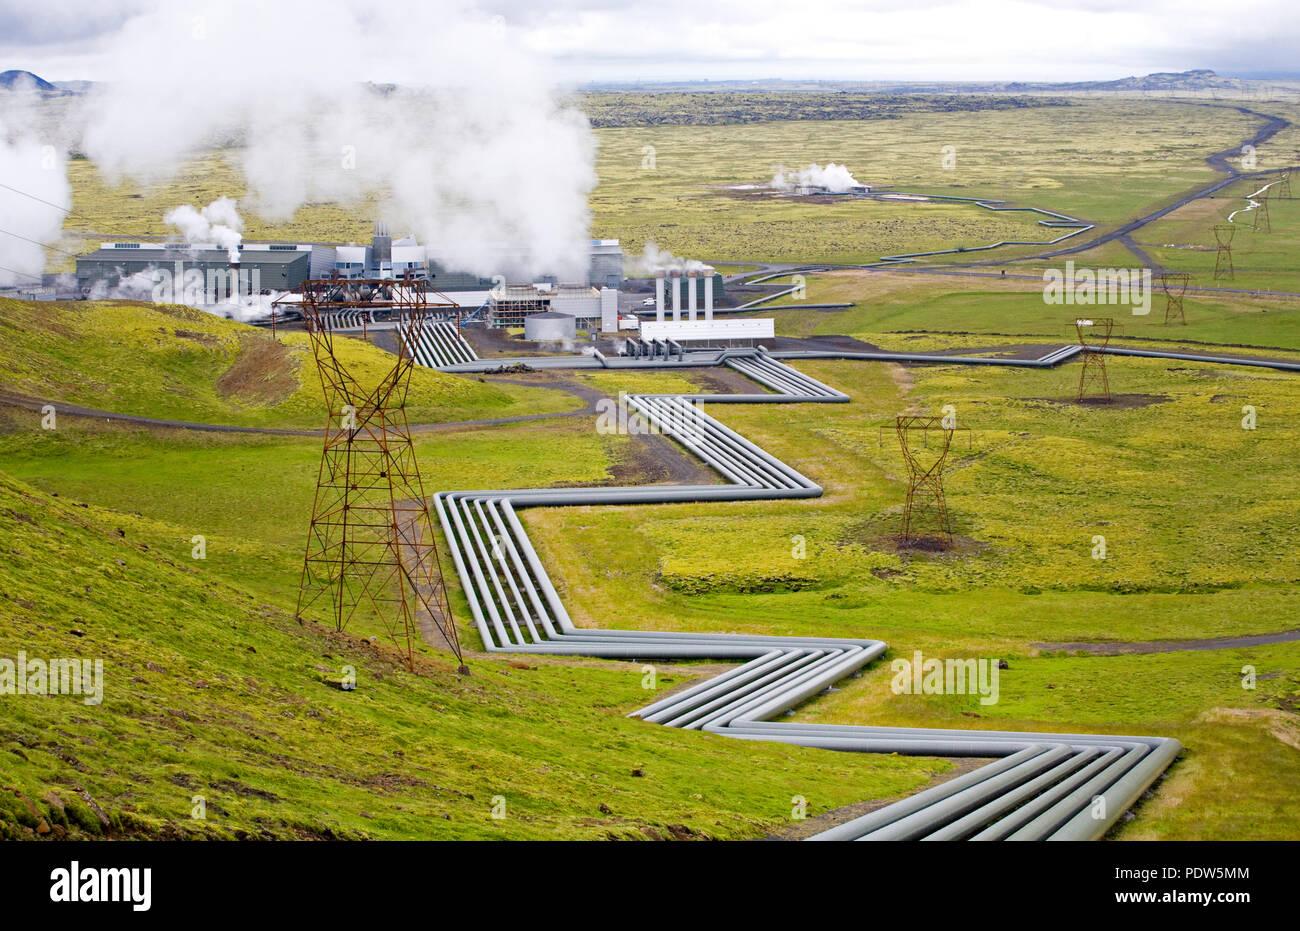 Trasferimento di tubi di vapore alla Hellisheidi Power Plant in Hengill area del sud ovest dell'Islanda vicino a Reykjavik. È la più grande potenza geotermica Foto Stock